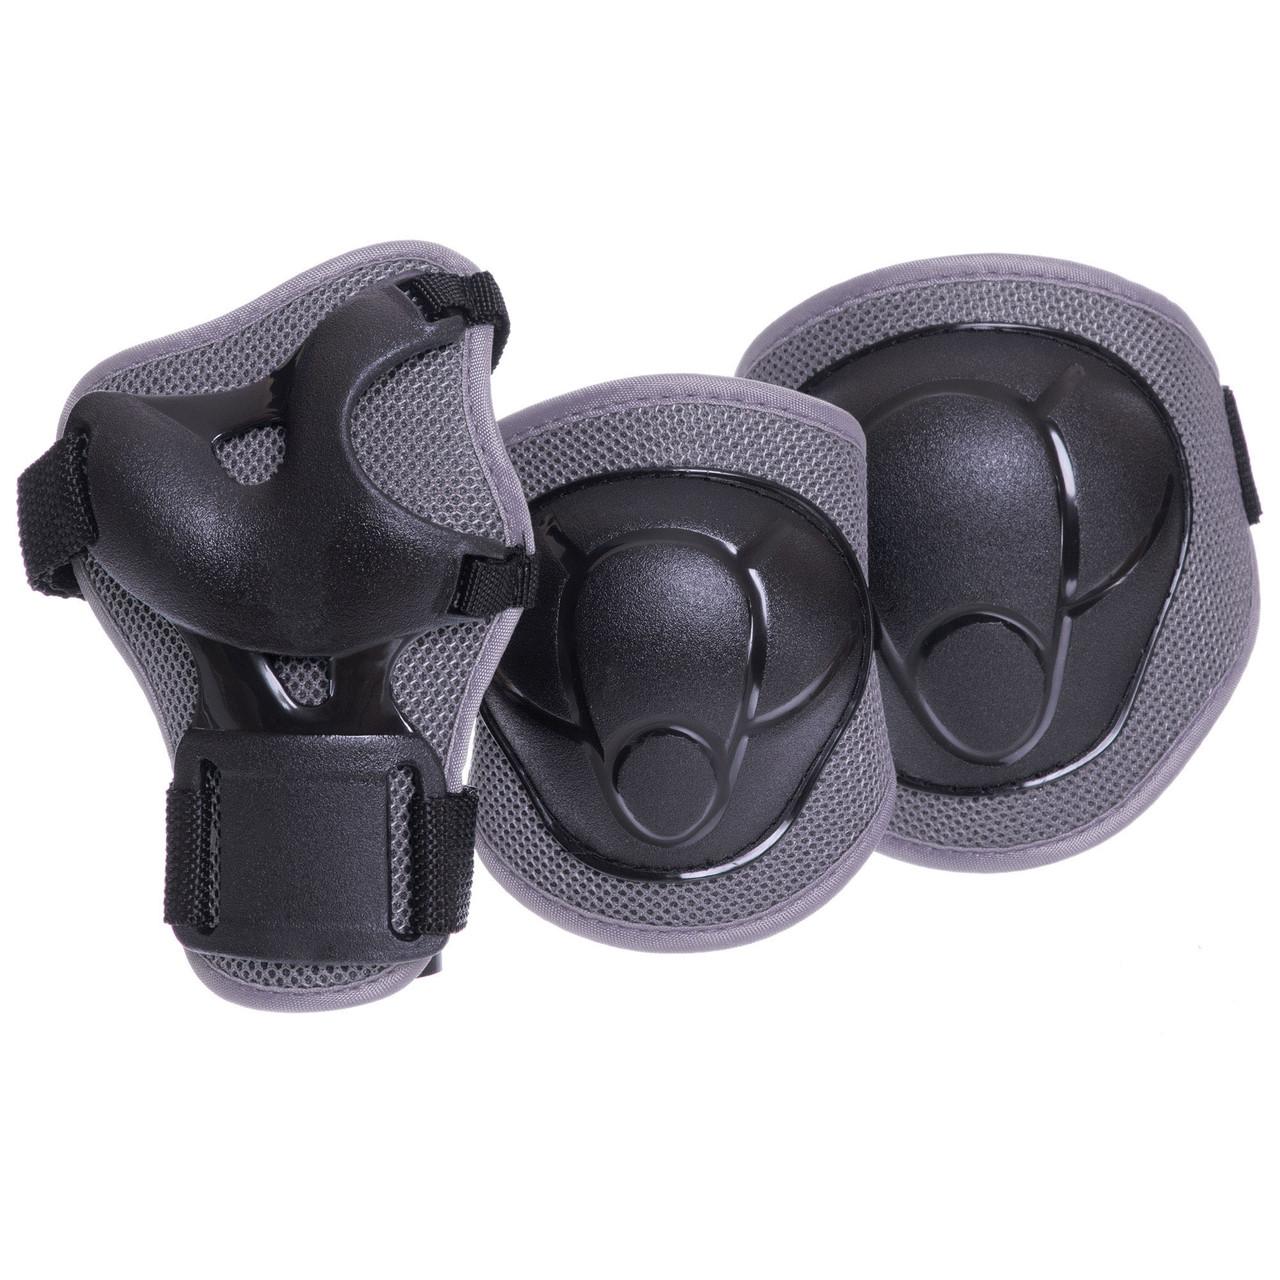 Захист дитяча наколінники, налокітники, рукавички Hypro 108, розмір M (8-12 років)